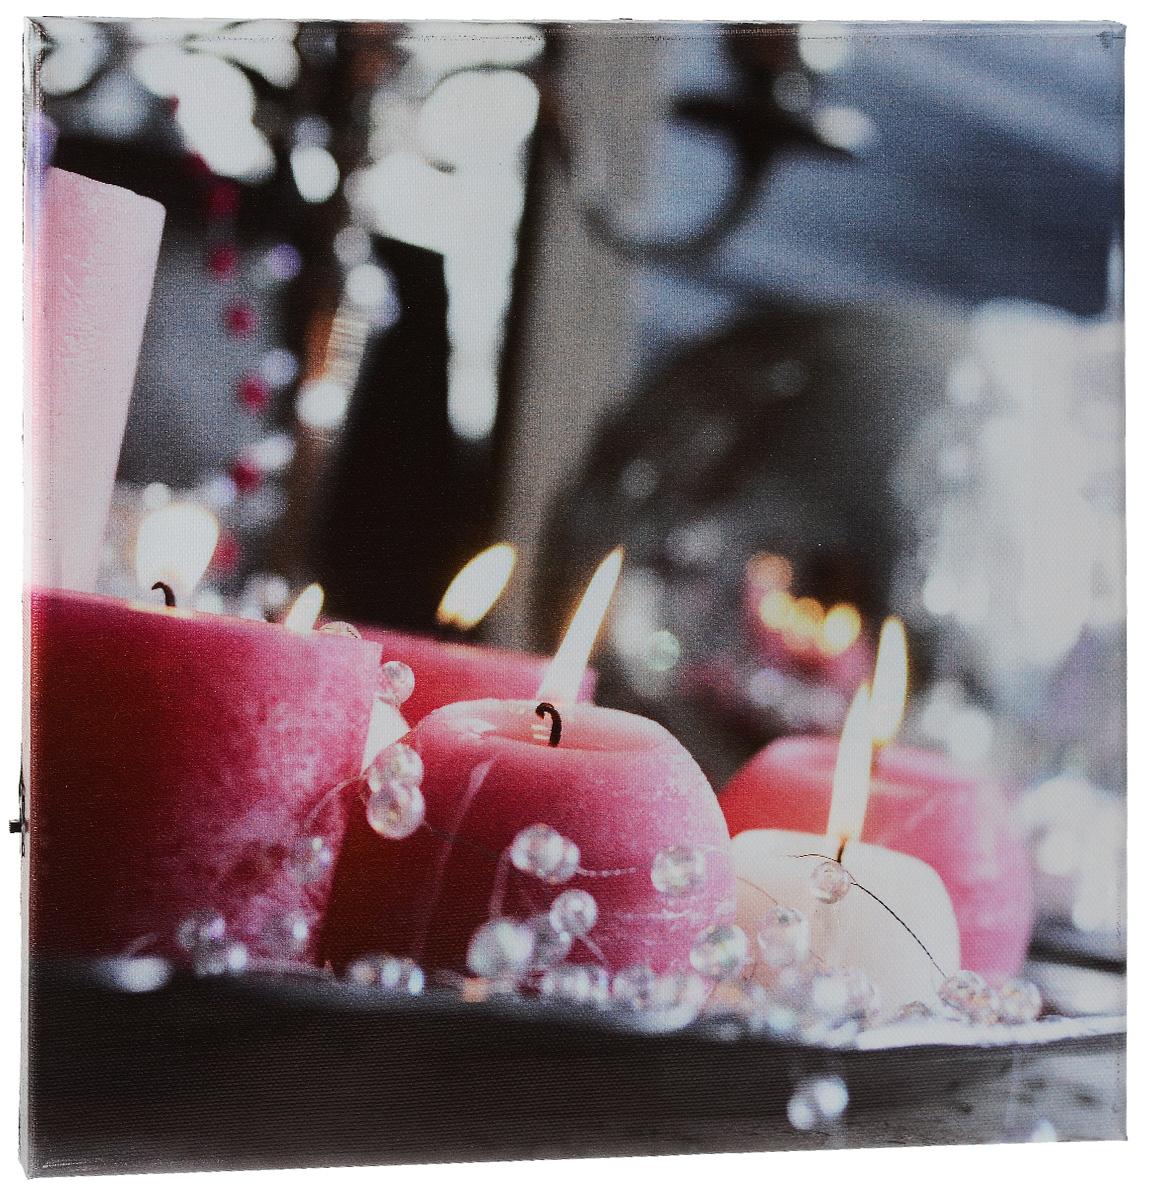 Картина MTH Свечи и бусы, со светодиодами, 30 х 30 смled3030-01Картина MTH Свечи и бусы выполнена на основе из МДФ, обтянутой холстом.Изделие оснащено светодиодами. Их теплый мерцающий в темноте светоживит ваш дом и добавит ему уюта. На картине изображены декоративные свечи с бусами. Благодаря светодиодной подсветке создается ощущение, что теплый свет, исходящий от свечей, действительно может согревать. С оборотной стороны картина оснащена специальным отверстием для подвешивания на стену.Необычная картина придаст интерьеру невероятного шарма и оригинальности.Рисунок успокаивает нервную систему, помогая расслабиться и отвлечься отповседневных забот. Подсветка работает от 2 батареек типа АА напряжением 1,5V (в комплект не входят).